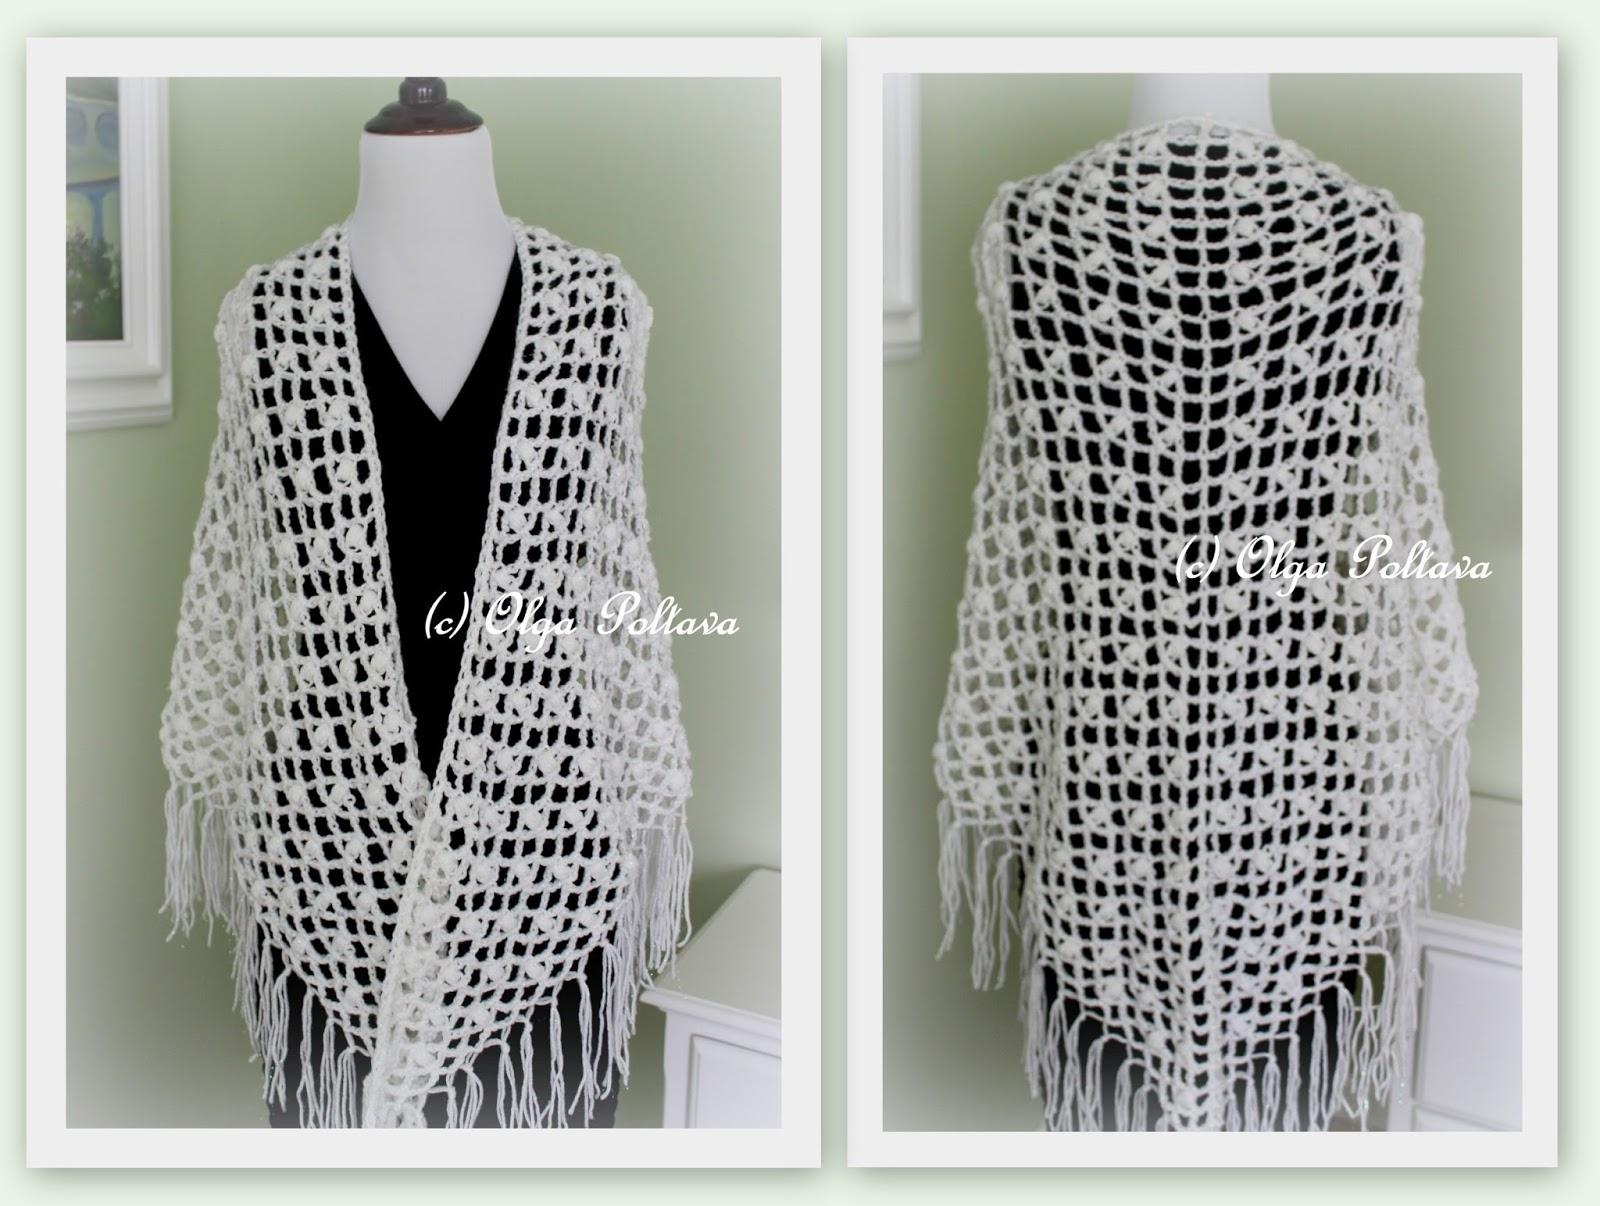 Lacy Crochet: Lace Puffs Crochet Prayer Shawl